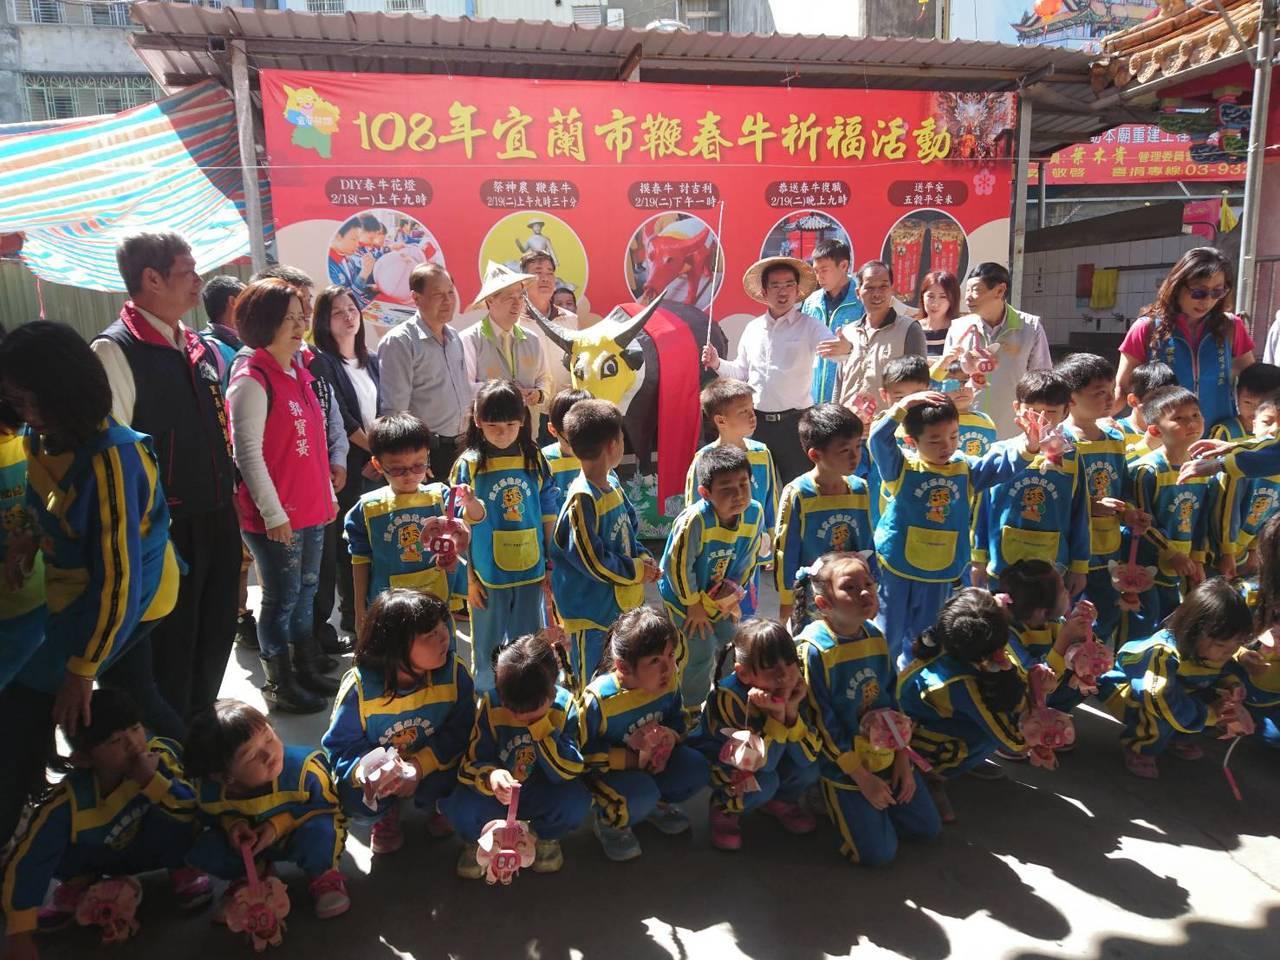 今年宜蘭市鞭春牛祈福祭儀,將安排一連串藝文表演活動。記者羅建旺/攝影